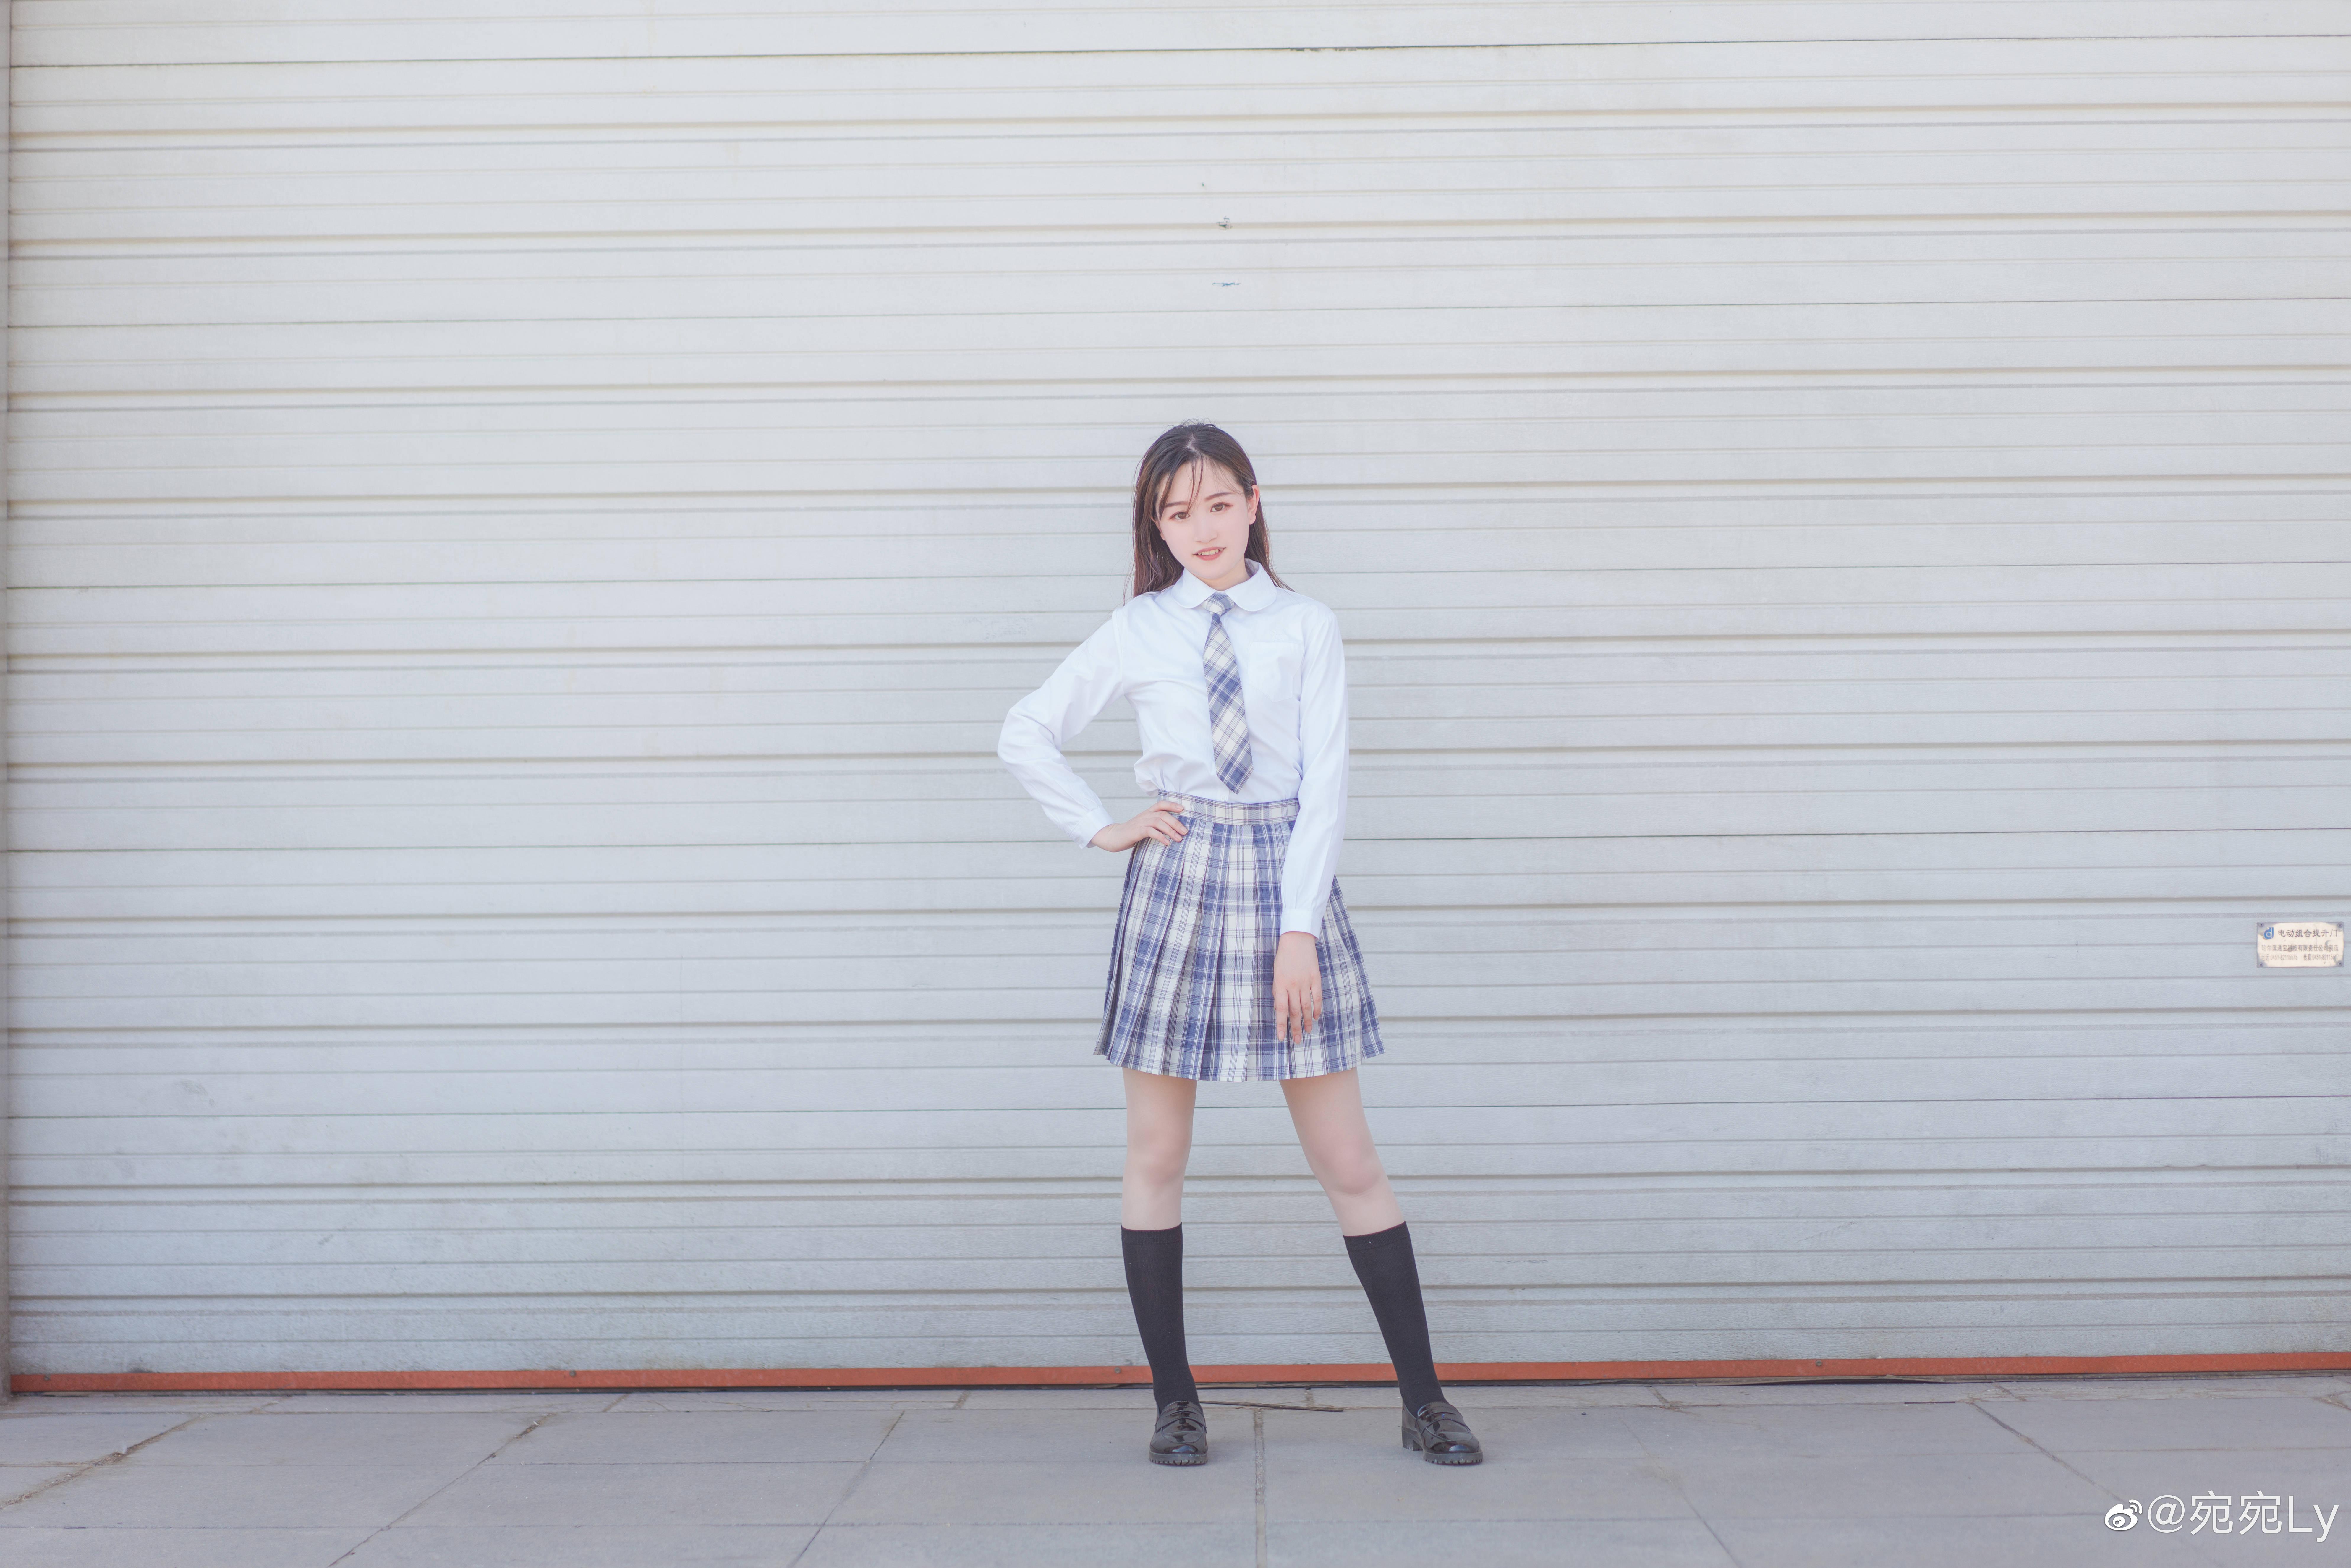 [JK写真]好想看你穿jk的样子 @宛宛Ly 时尚-第2张